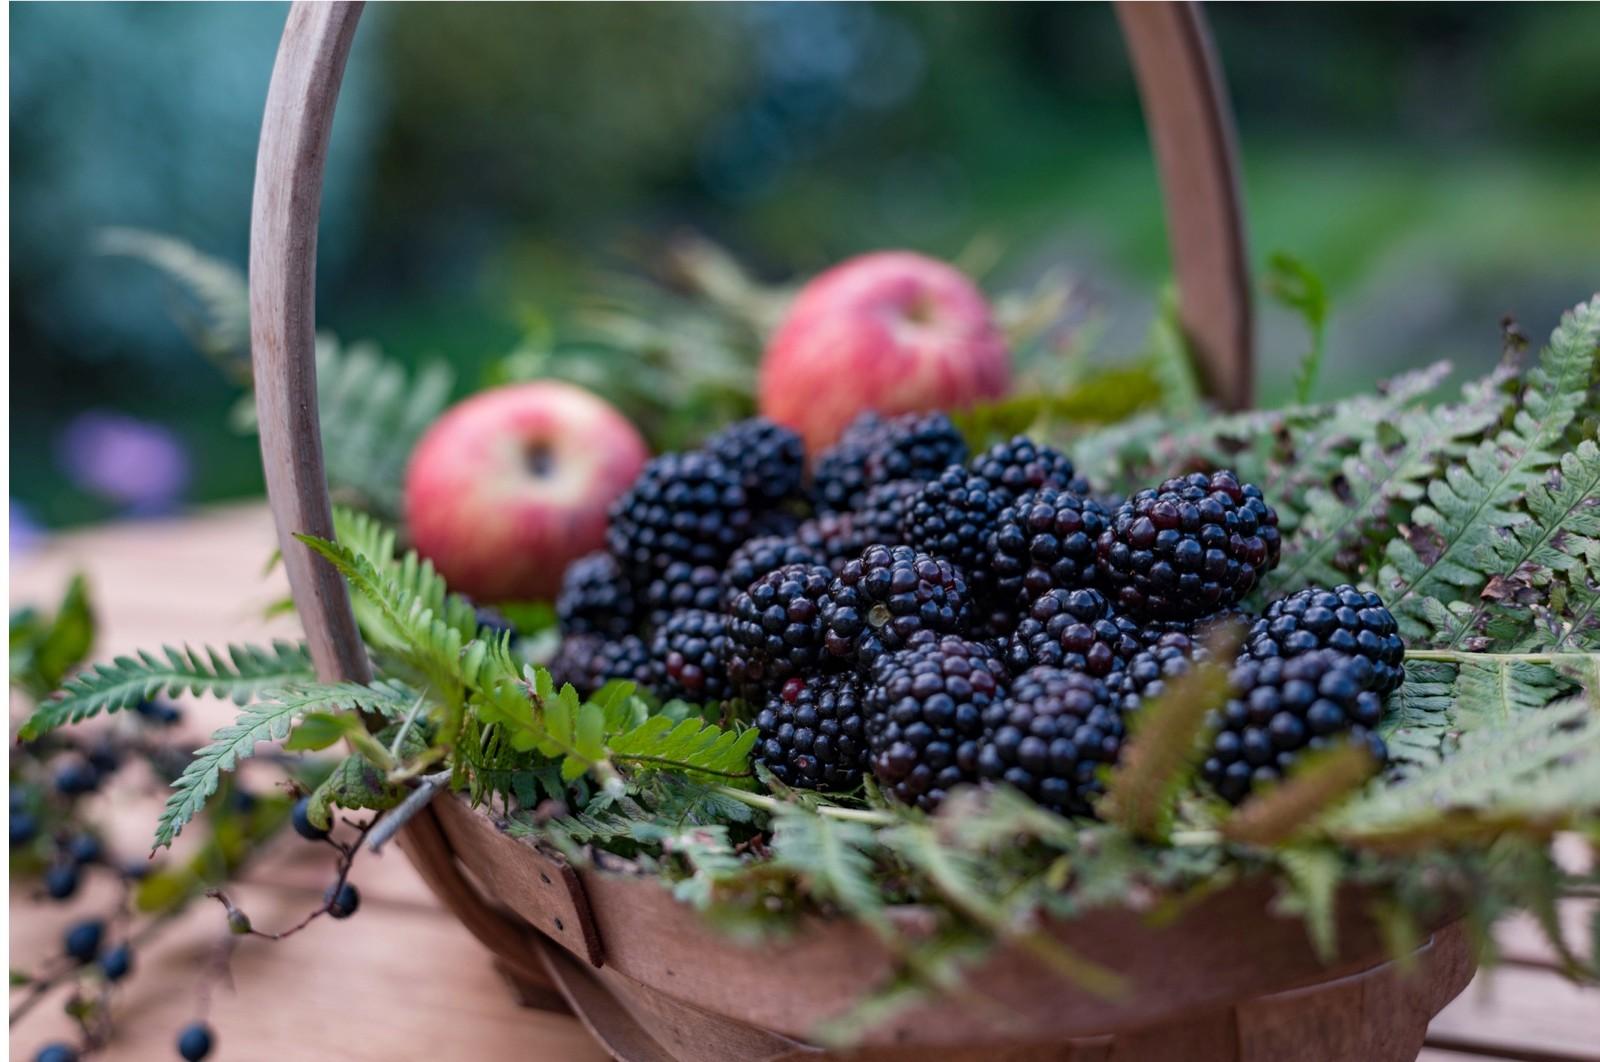 blackberries-and-apples-b430185